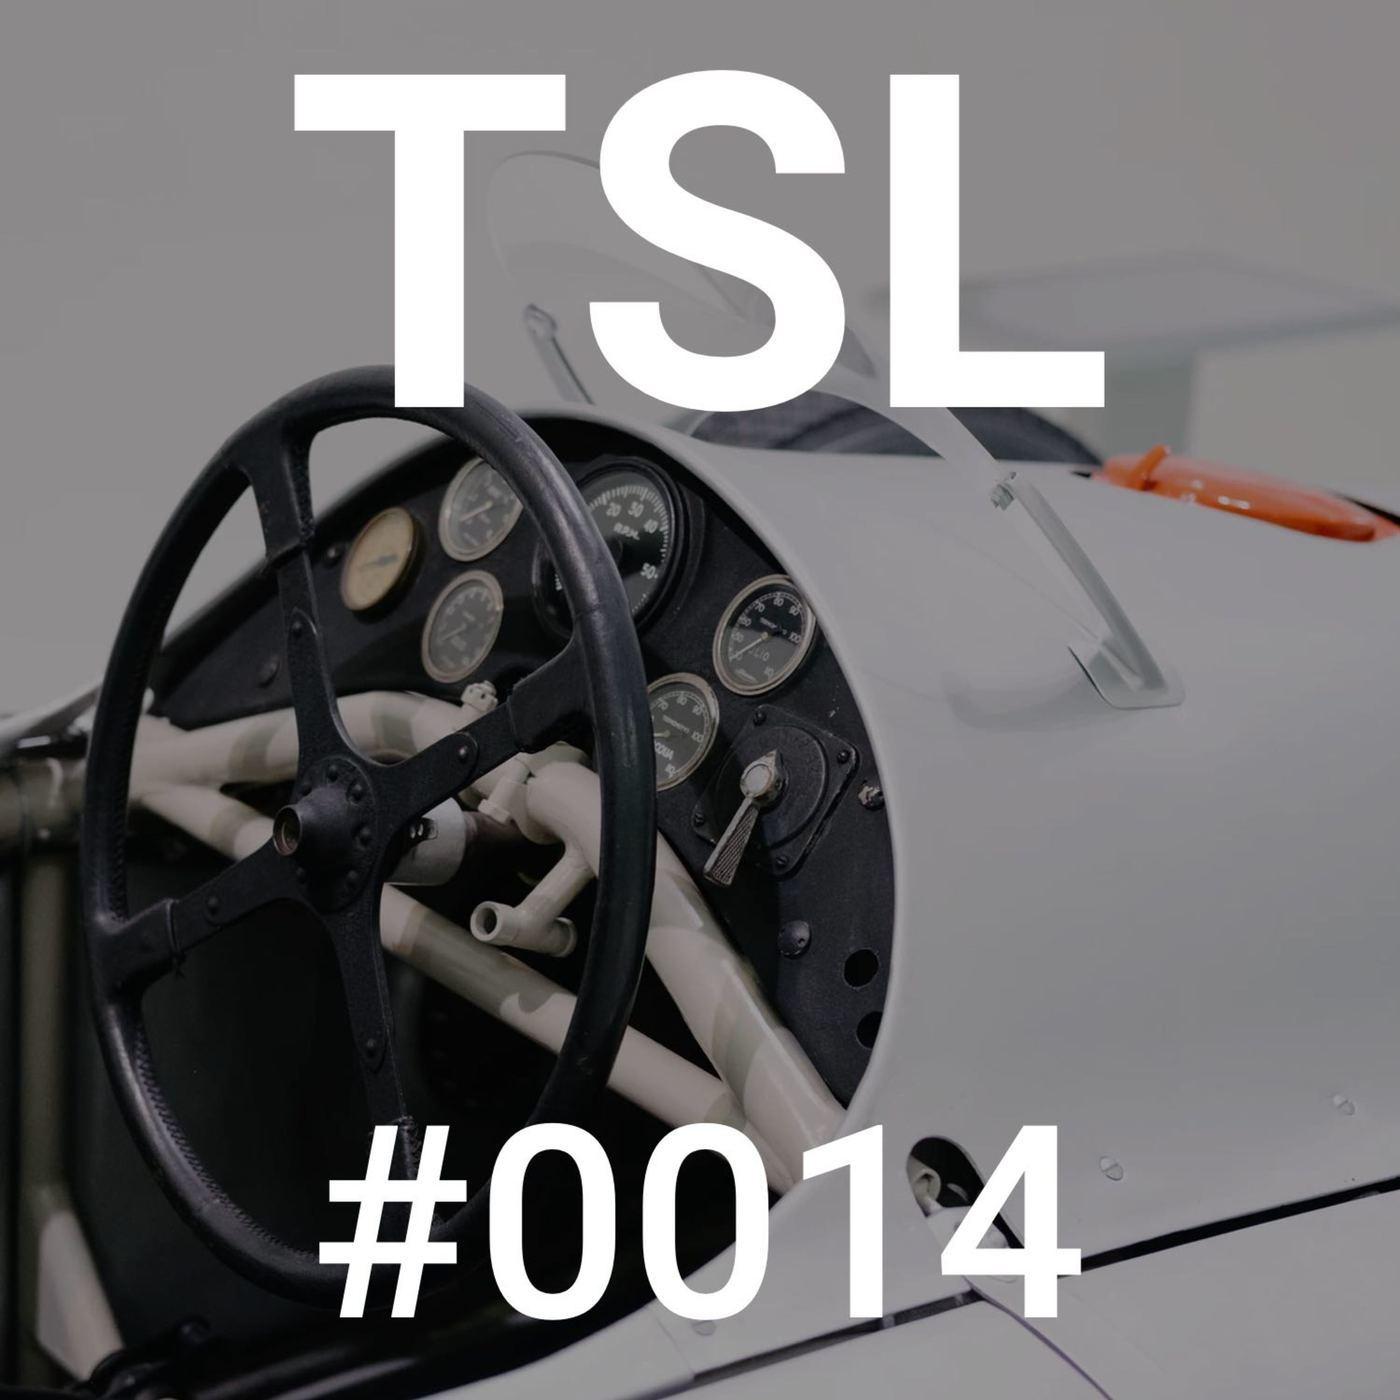 TSL - Tech, Startup and Life: Folge #0014: Schützt Schönheit vor Autounfällen? - Autonomes Fahren